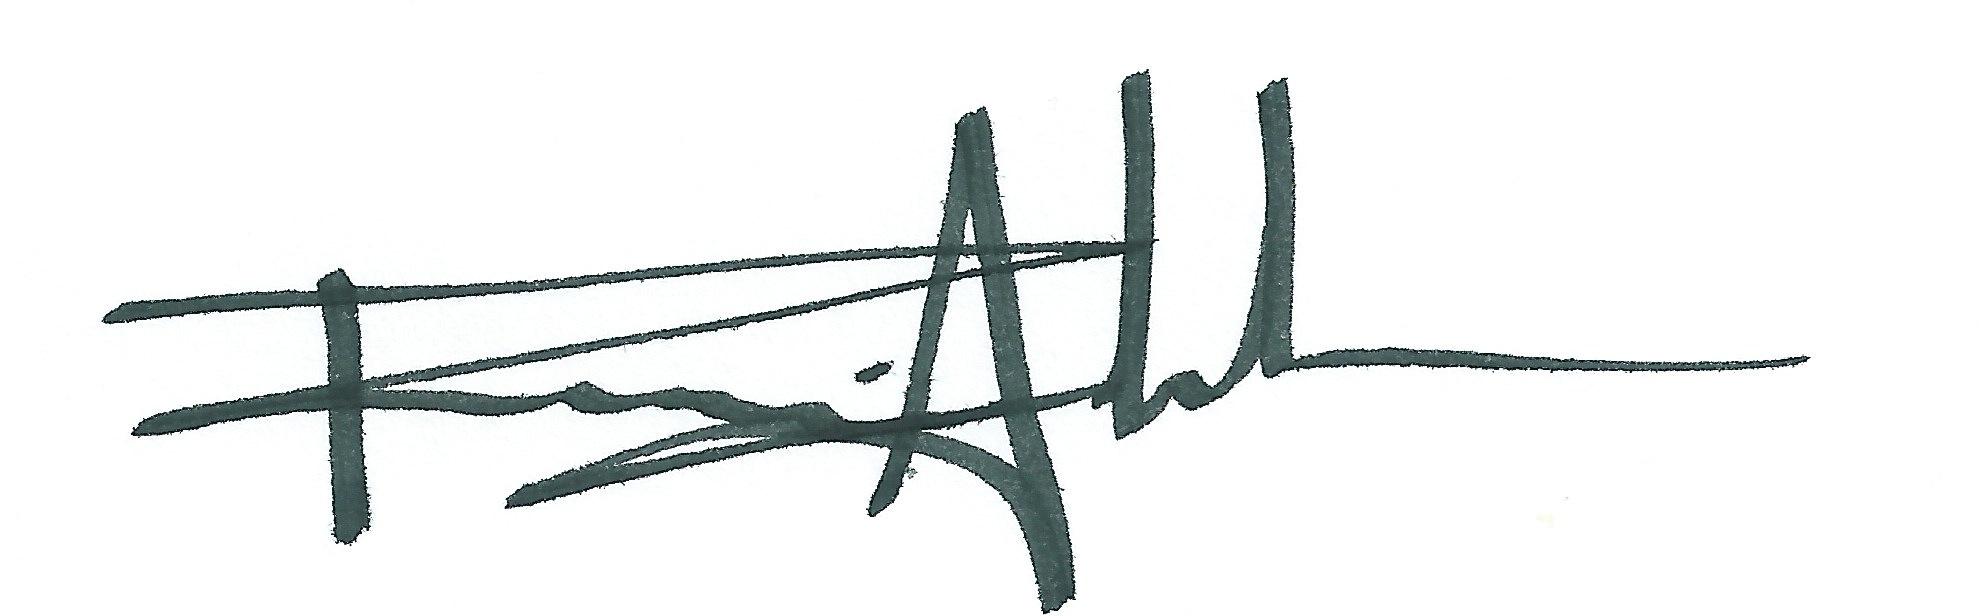 Ramiro Andrade Signature